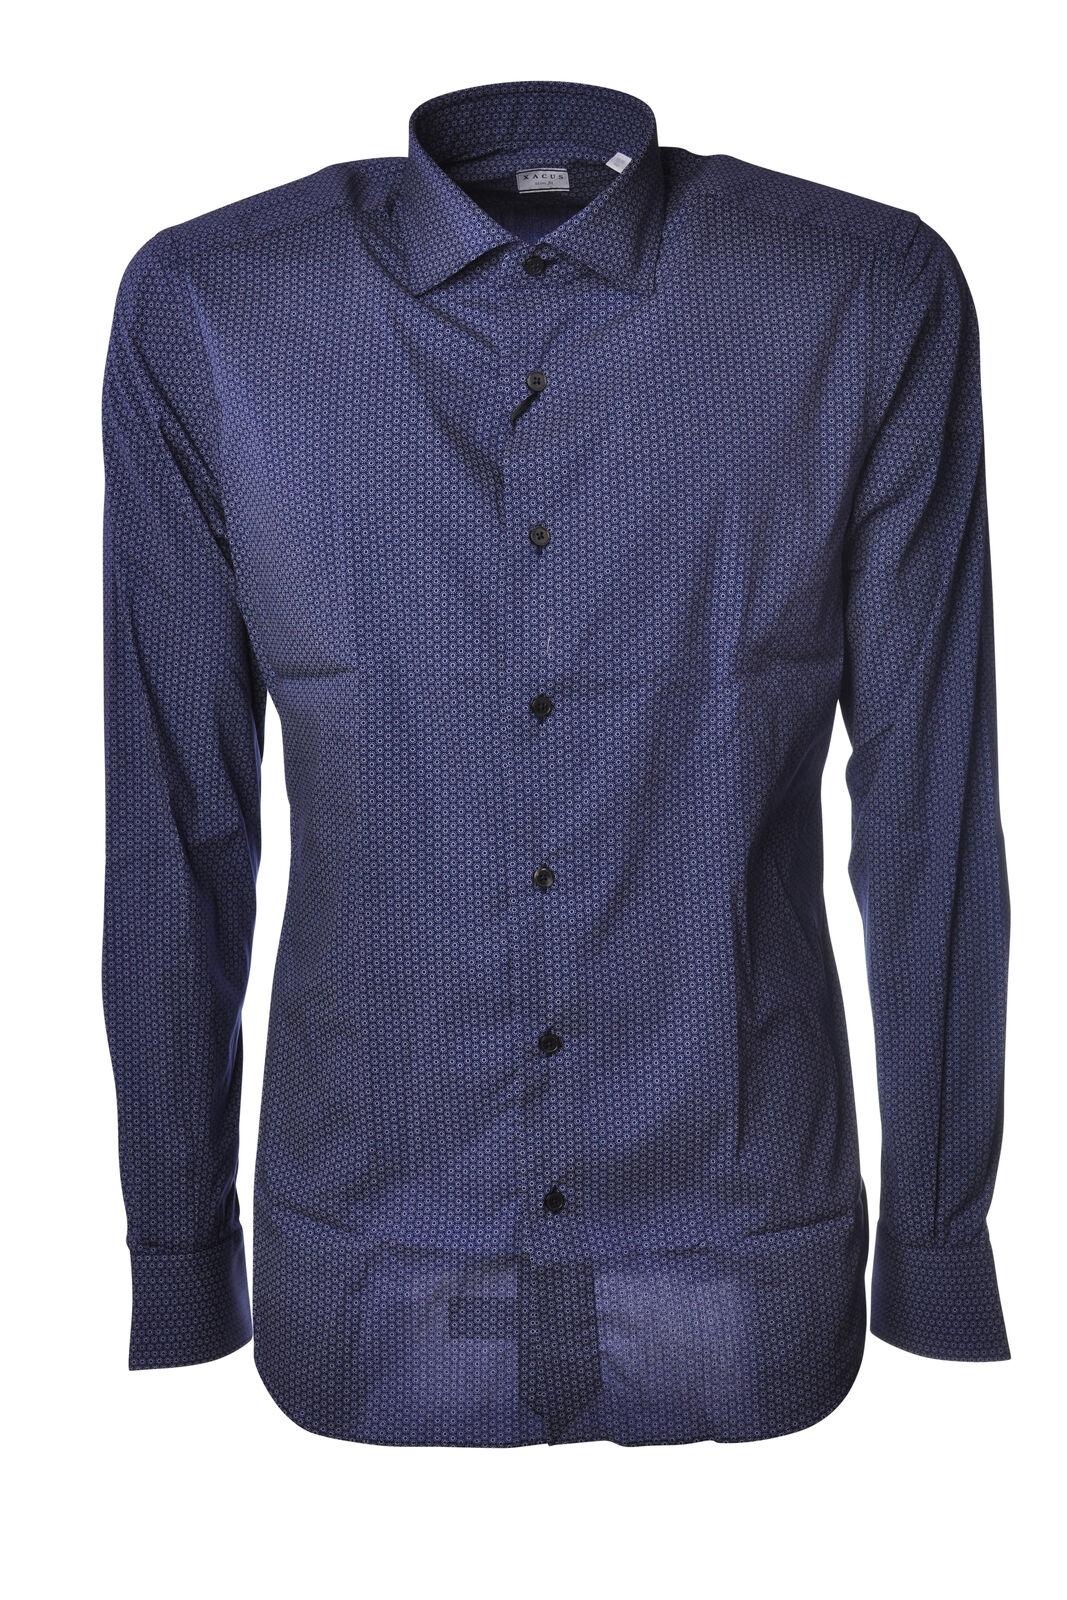 Xacus - bluesen-Shirt - Mann - blue - 5249601G184338